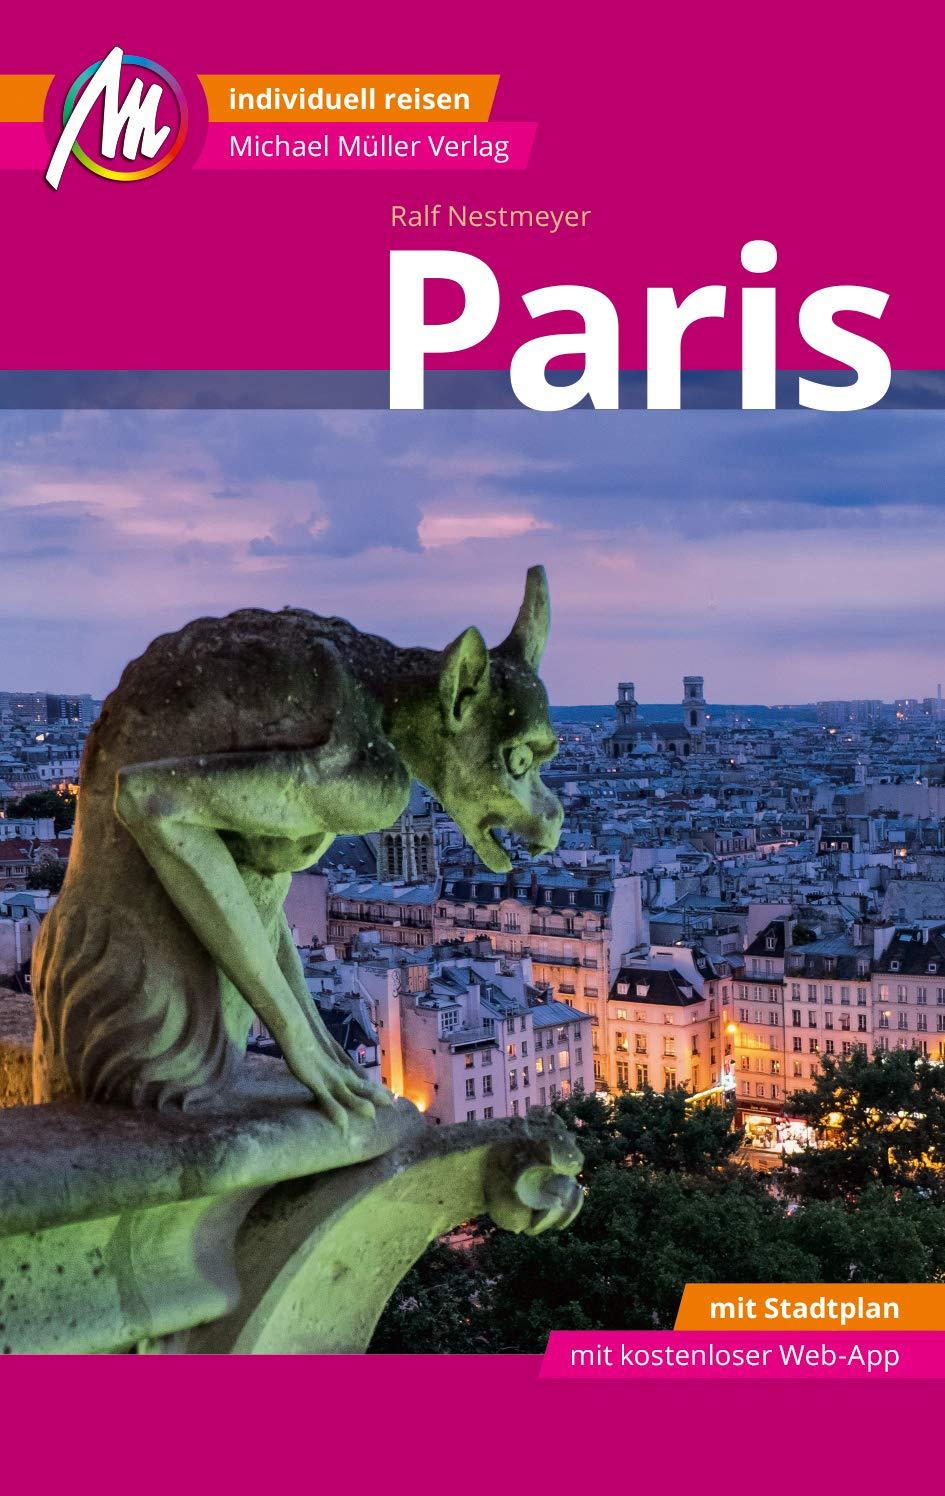 Karte Paris.Paris Mm City Reiseführer M 1 Karte 9783956546372 Amazon Com Books